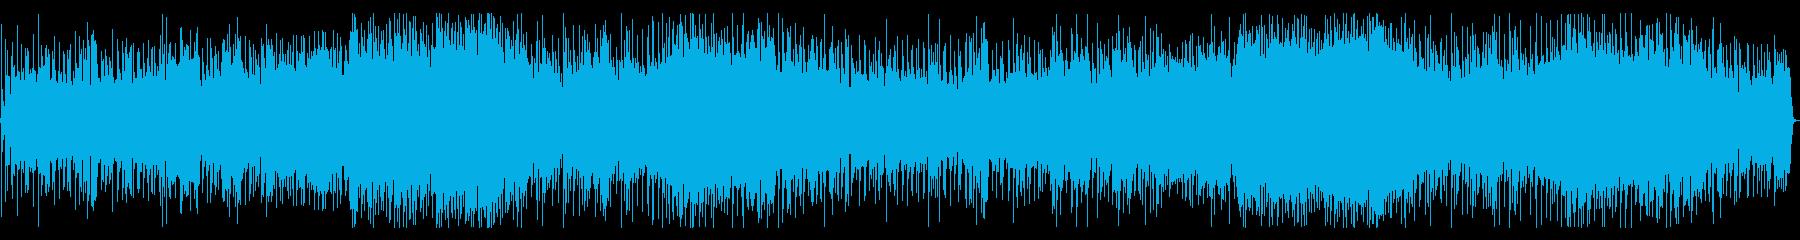 燃えるリフ系ギターインスト曲の再生済みの波形